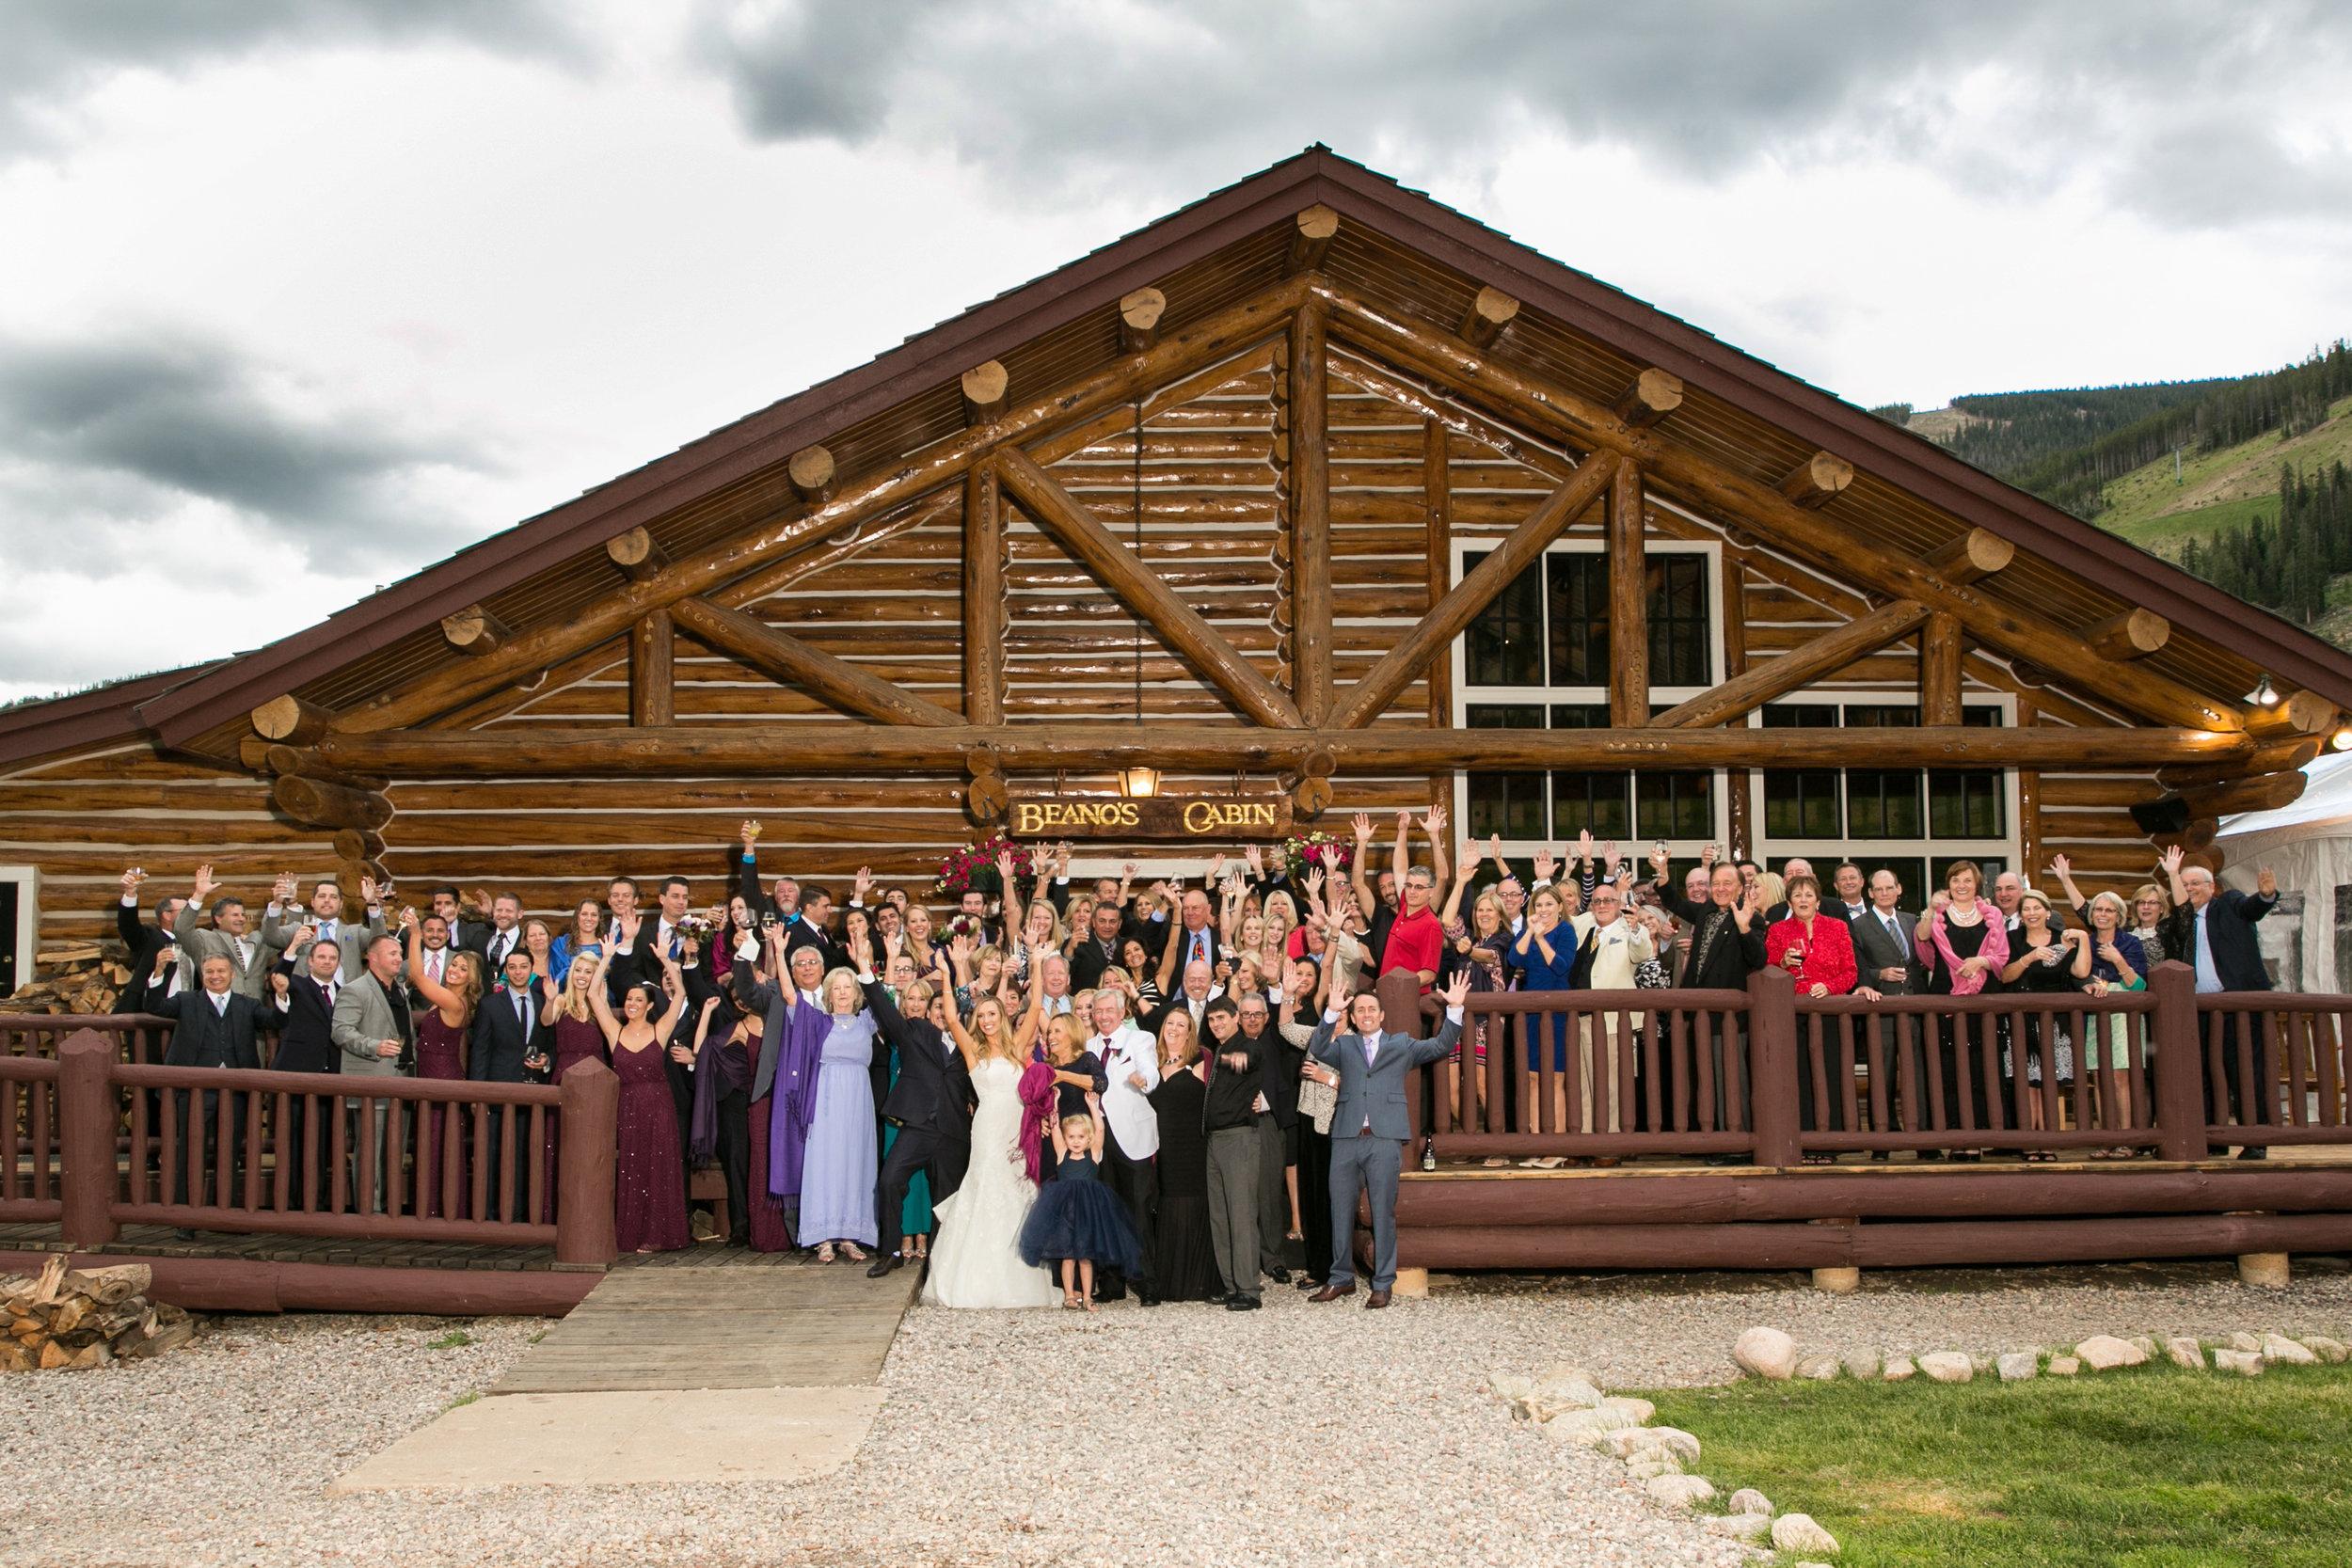 wedding-services-beaver-creek-axelphoto.jpg